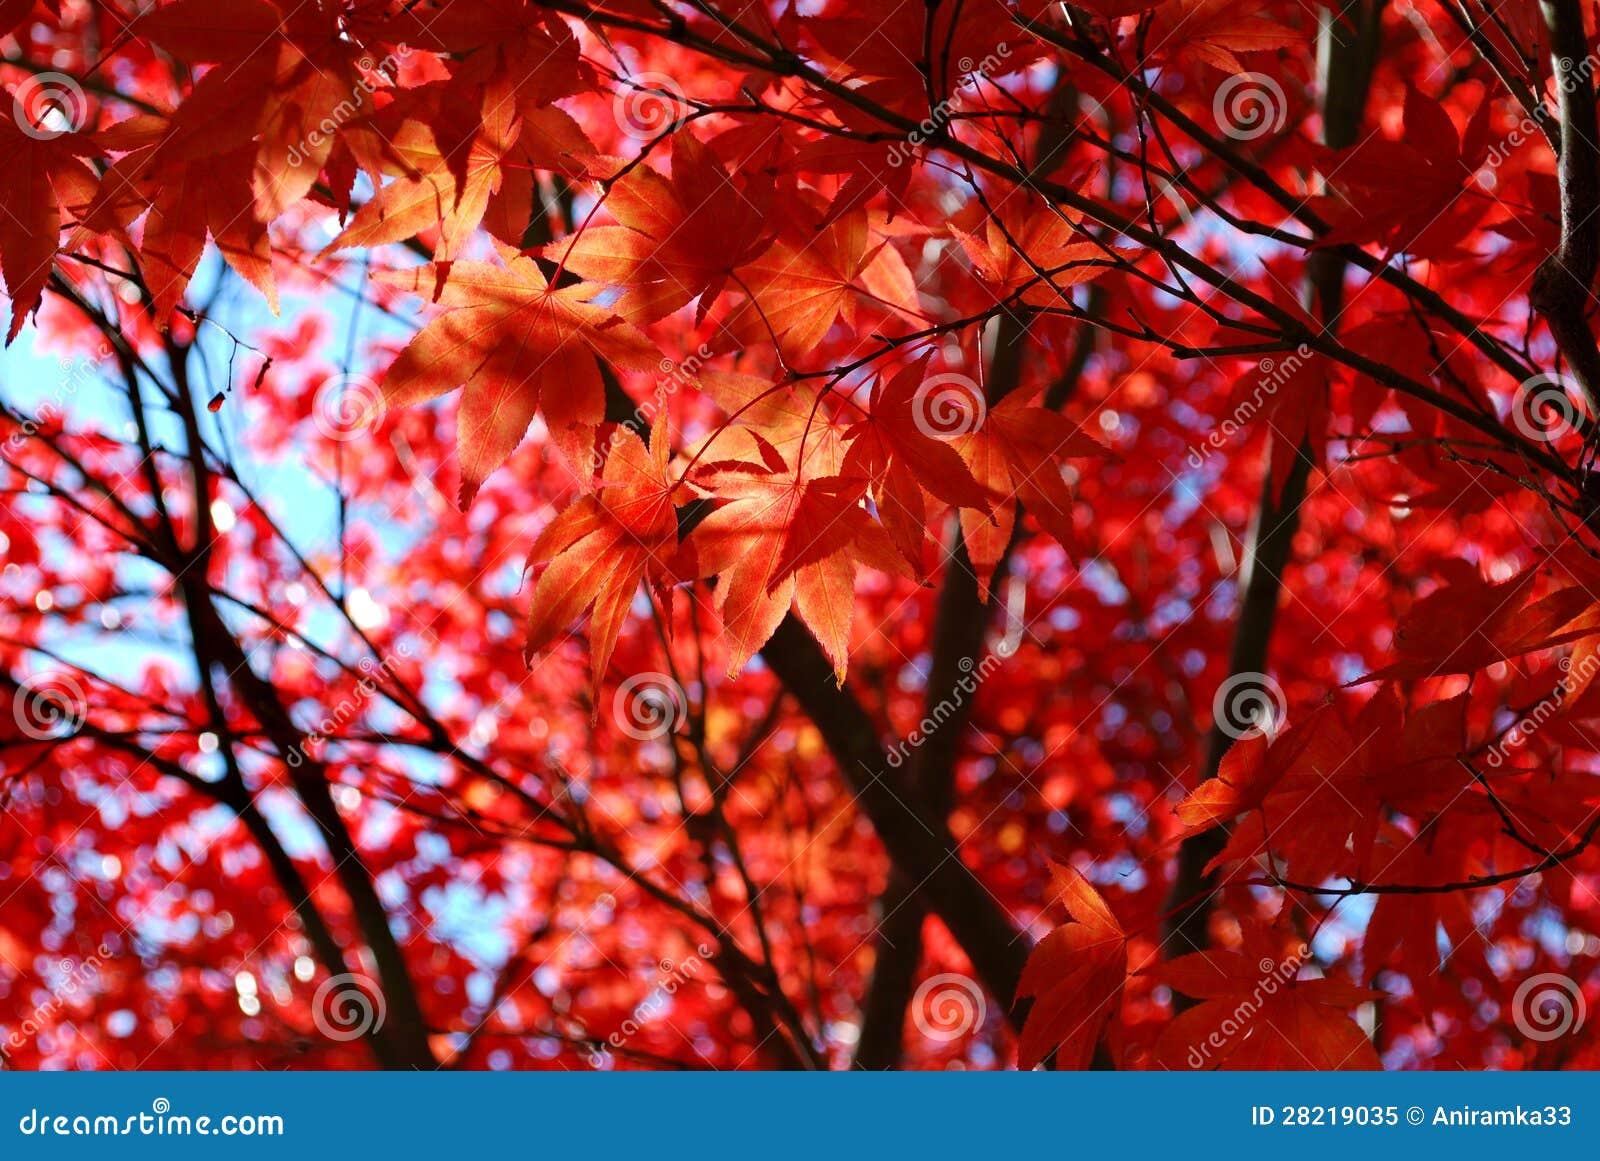 Rotes japanischer Ahorn-Laub